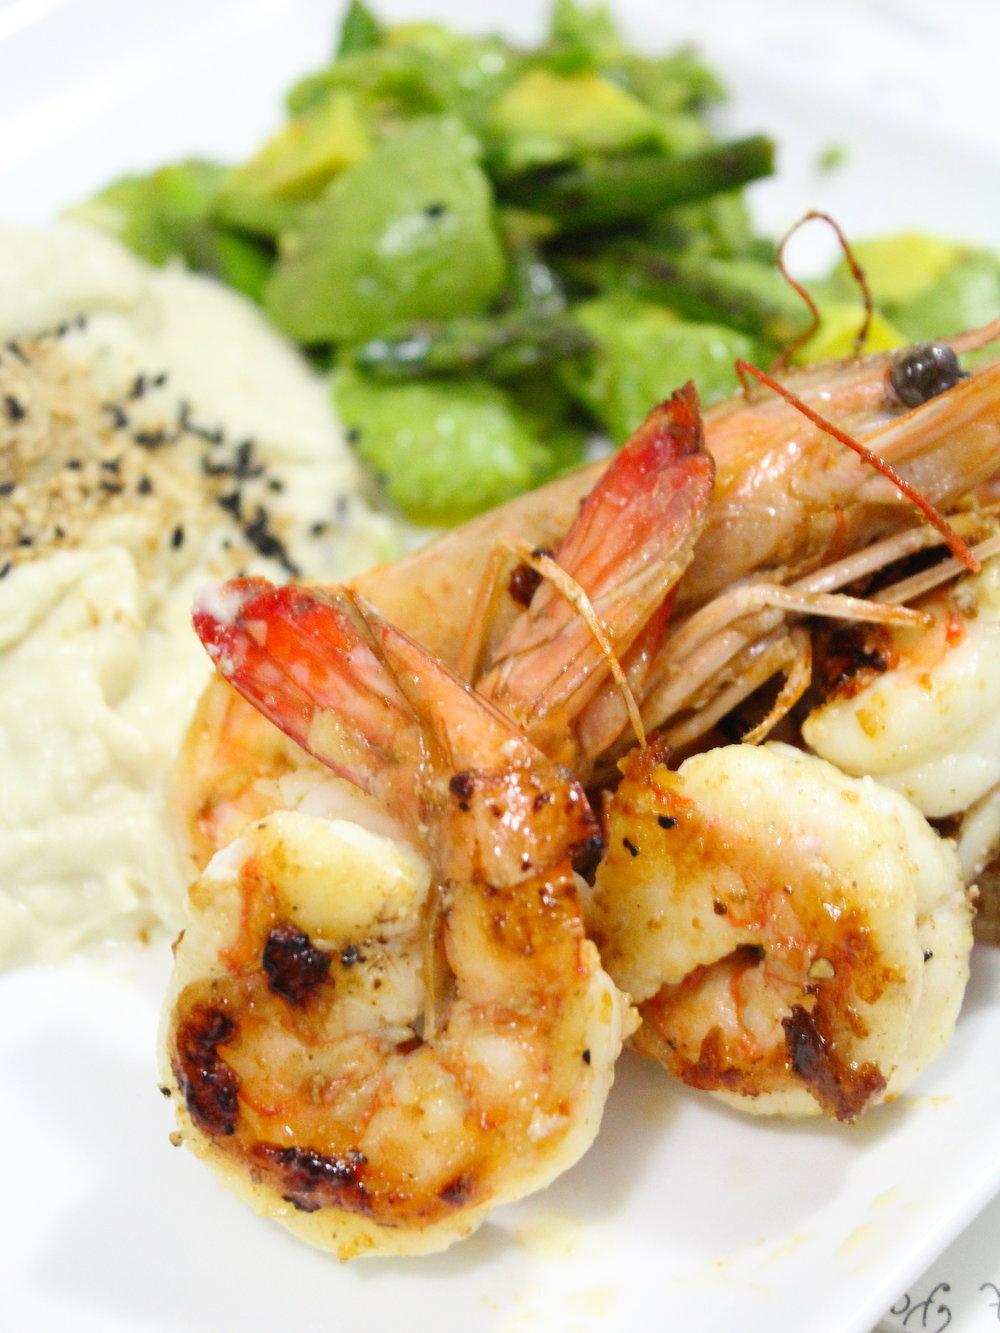 Langostinos de mar (pesca salvaje) con puré verde y rosa con gomassio orgánico y ajonjolí negro orgánico, ensalada de espárragos. MA-RA-VI-LLA.